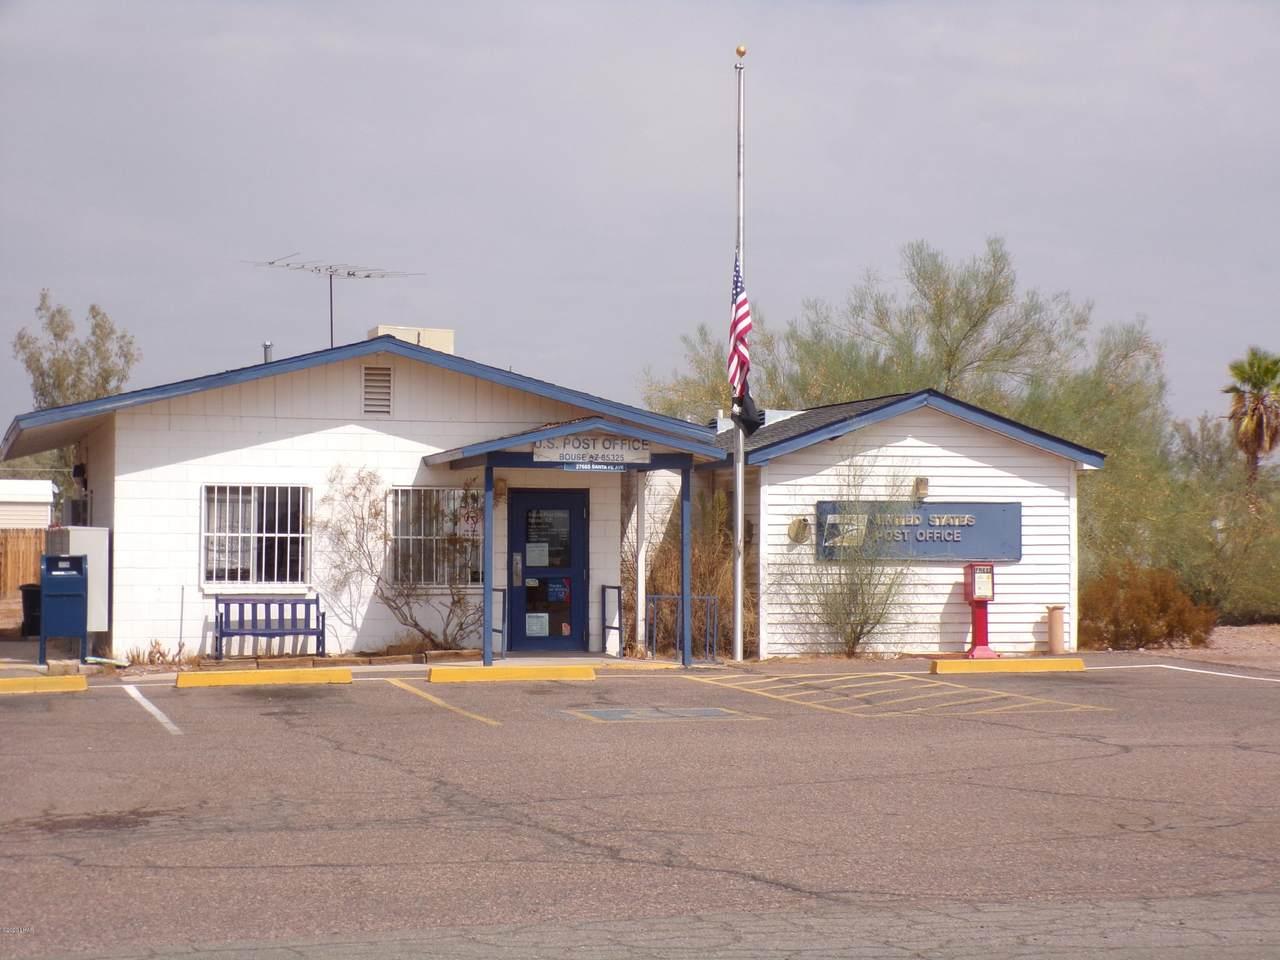 27665 Santa Fe Ave - Photo 1